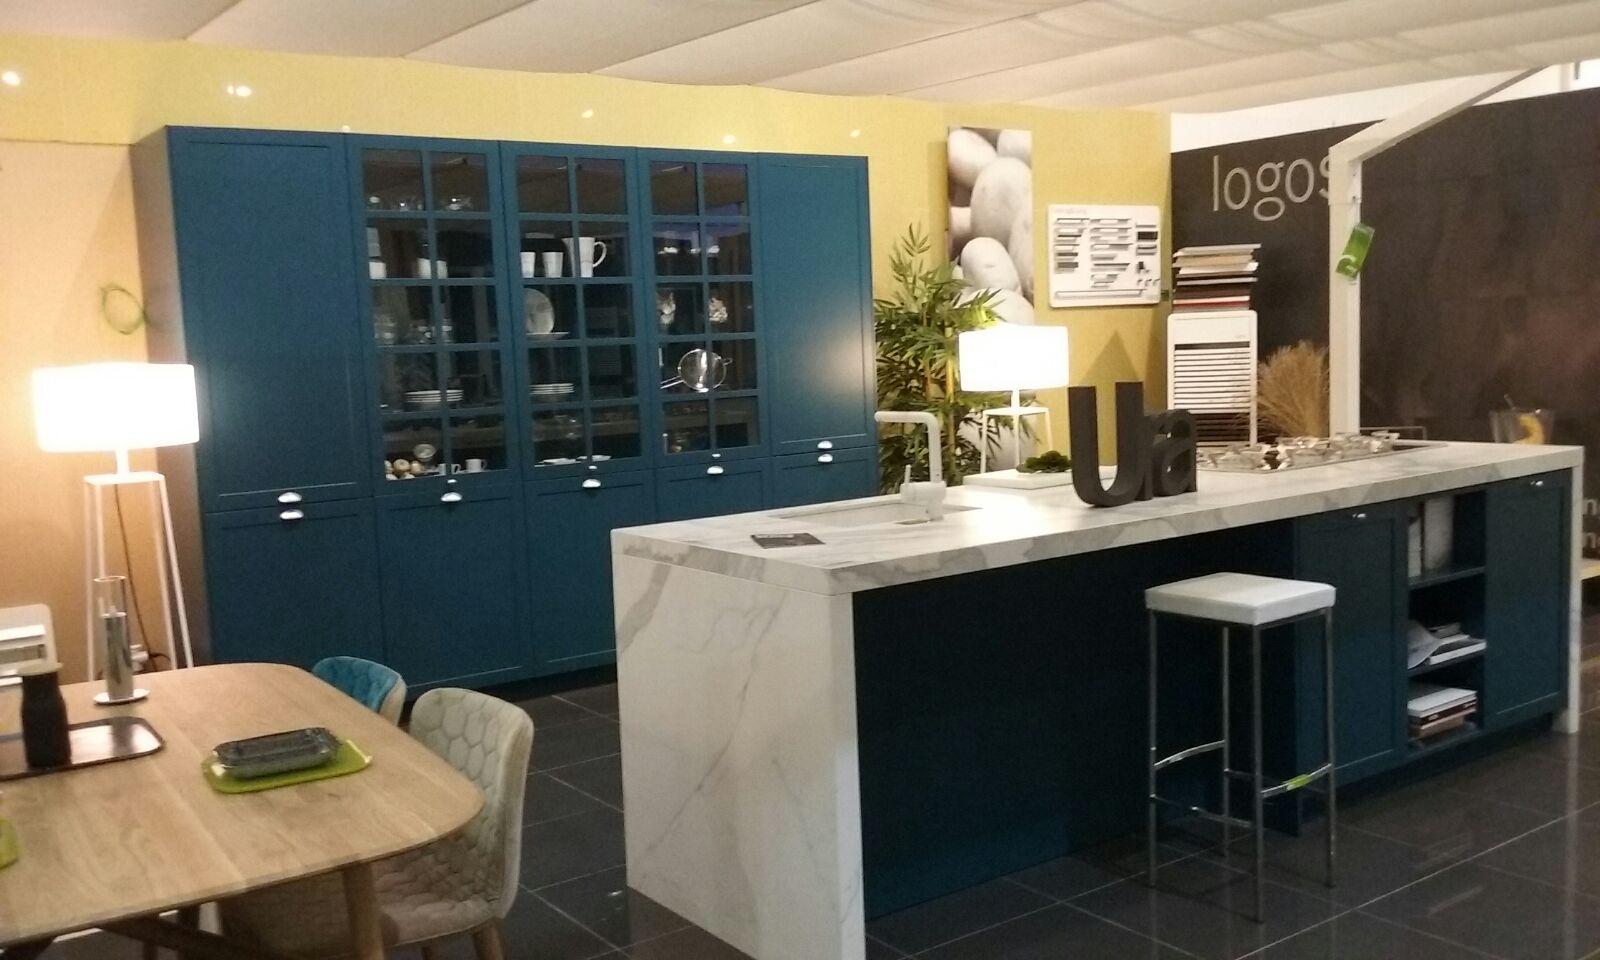 Muebles De Cocina Logos. Productos - Logos S. Coop.